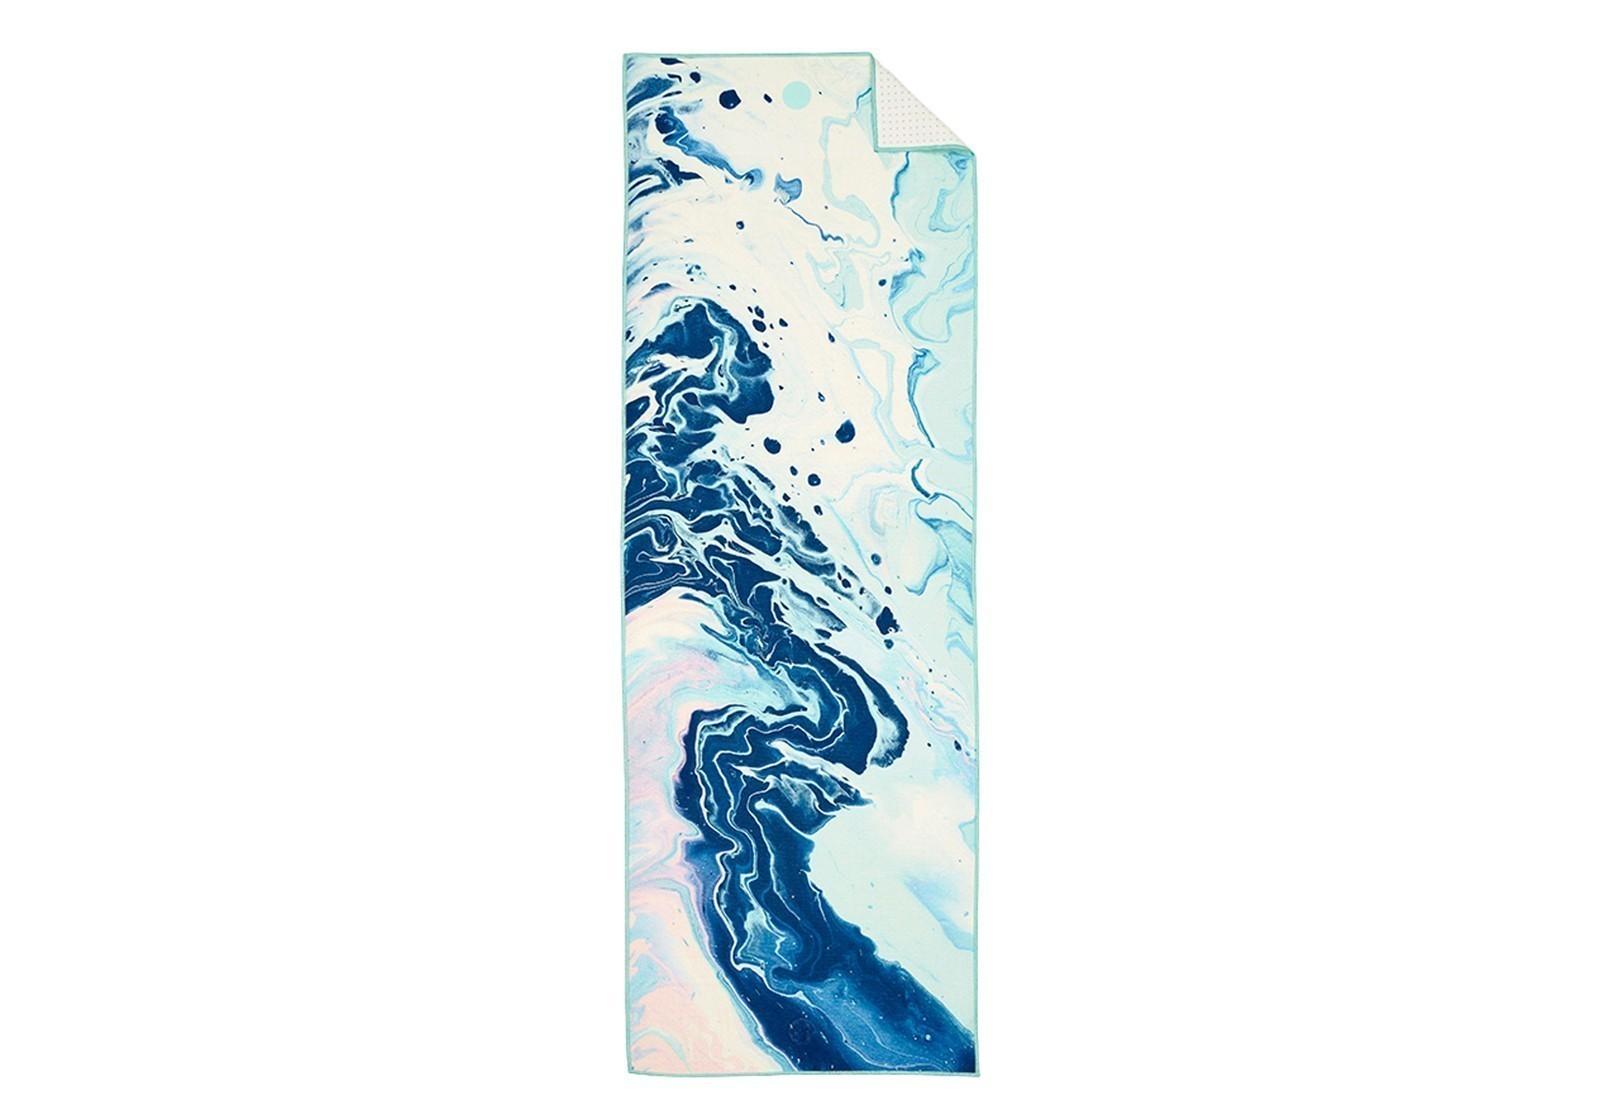 Manduka-yogitoes-yoga-towel-ocean-swell